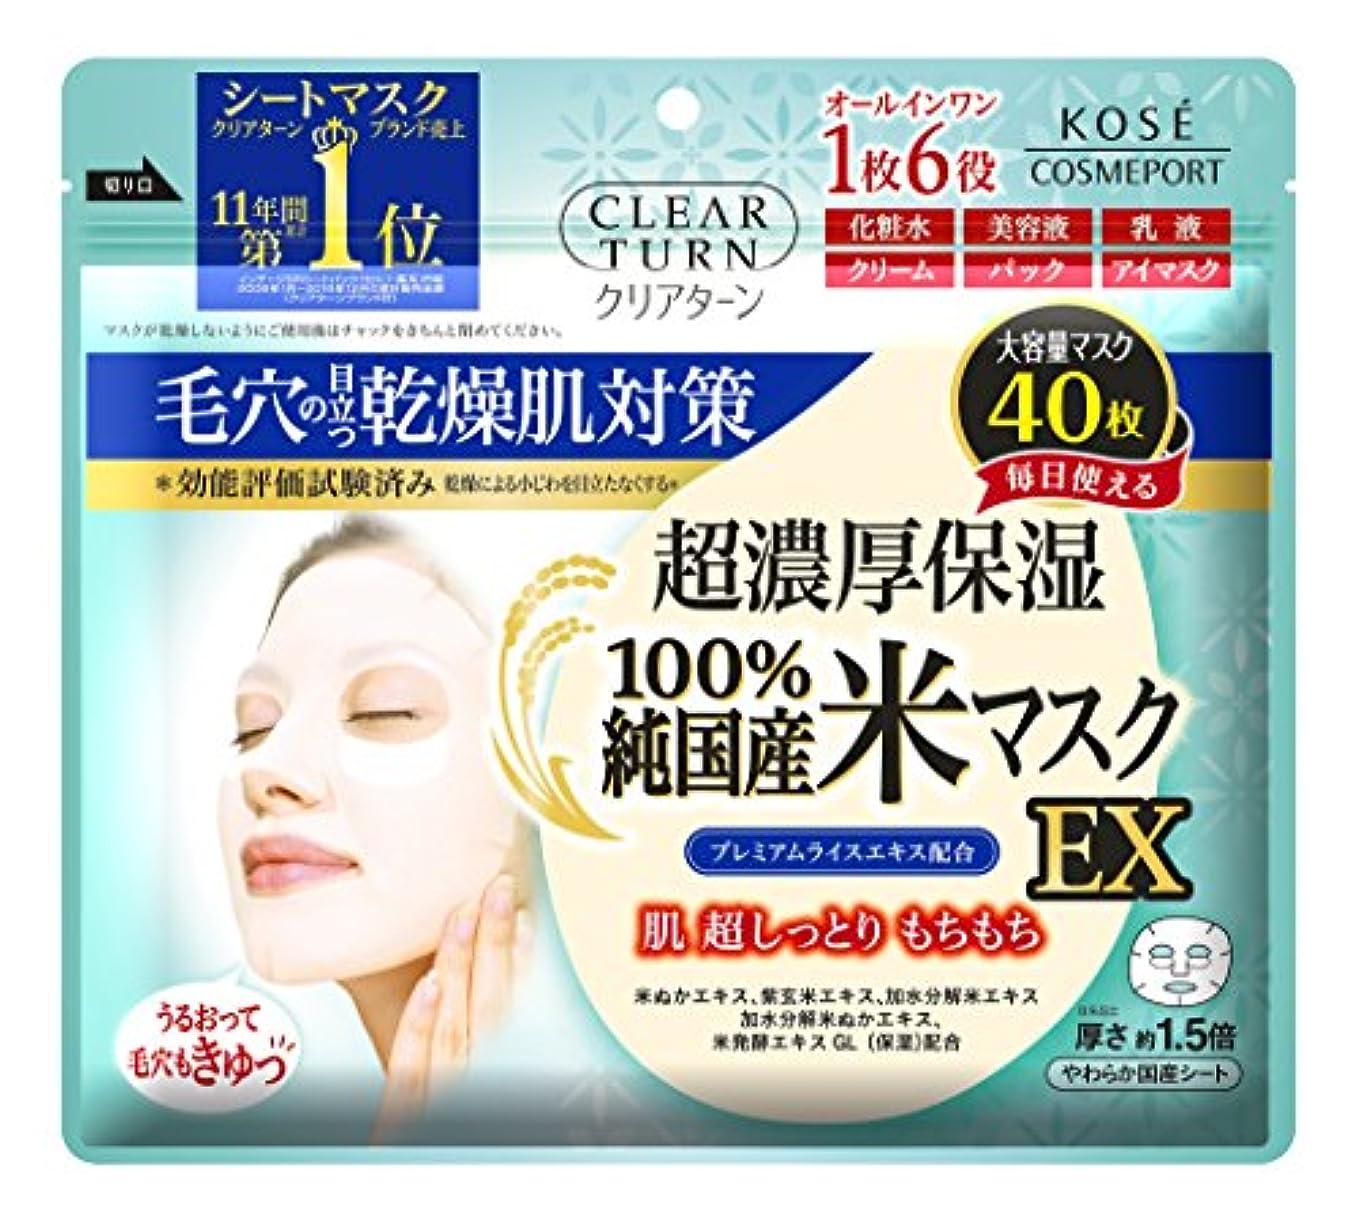 アプローチすぐに嬉しいですKOSE コーセー クリアターン 純国産米 マスク EX 40枚 フェイスマスク